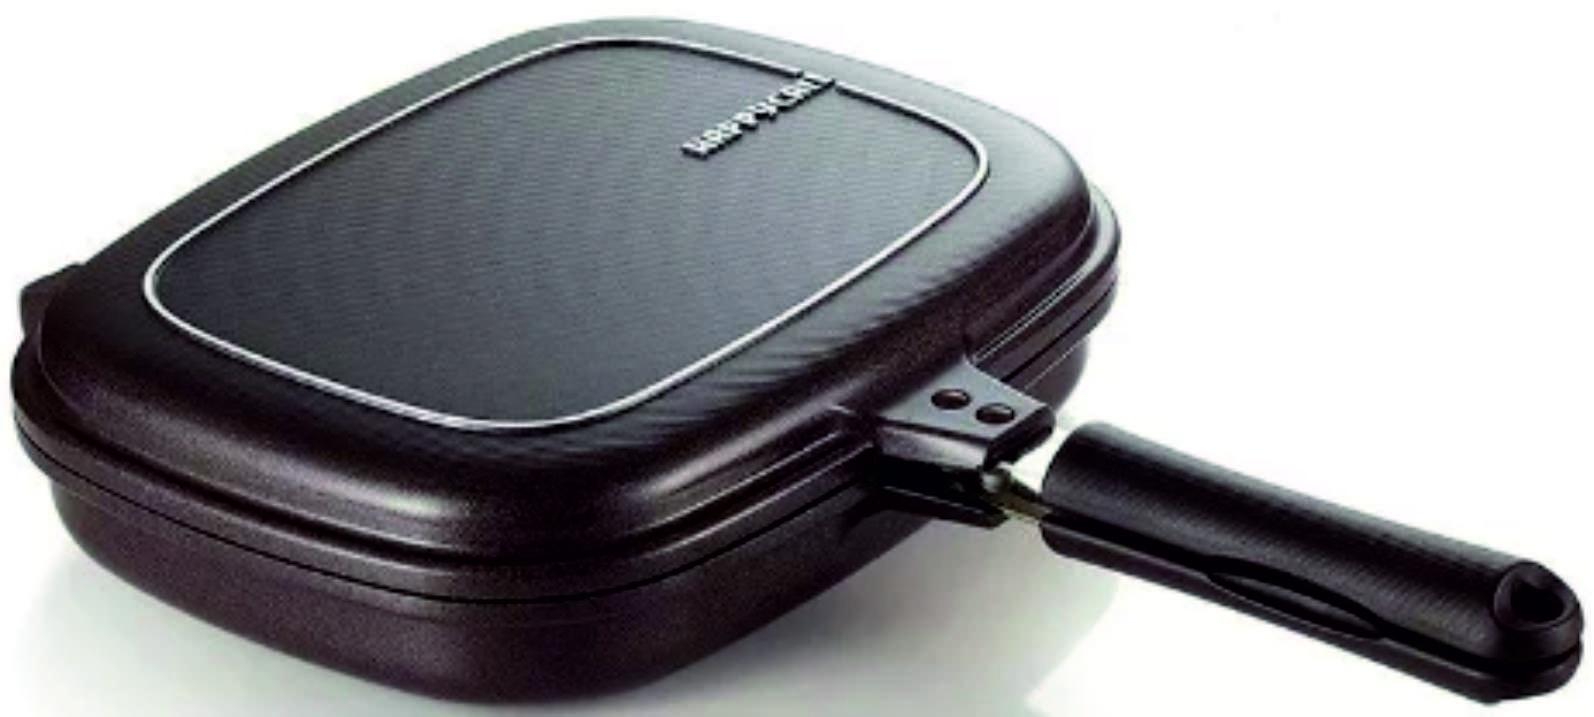 Сковорода двойная Happycall Titanium Double Pan Jumbo Grill Джамбо Гриль, 3002-0074 с титановым покрытием портерхаус